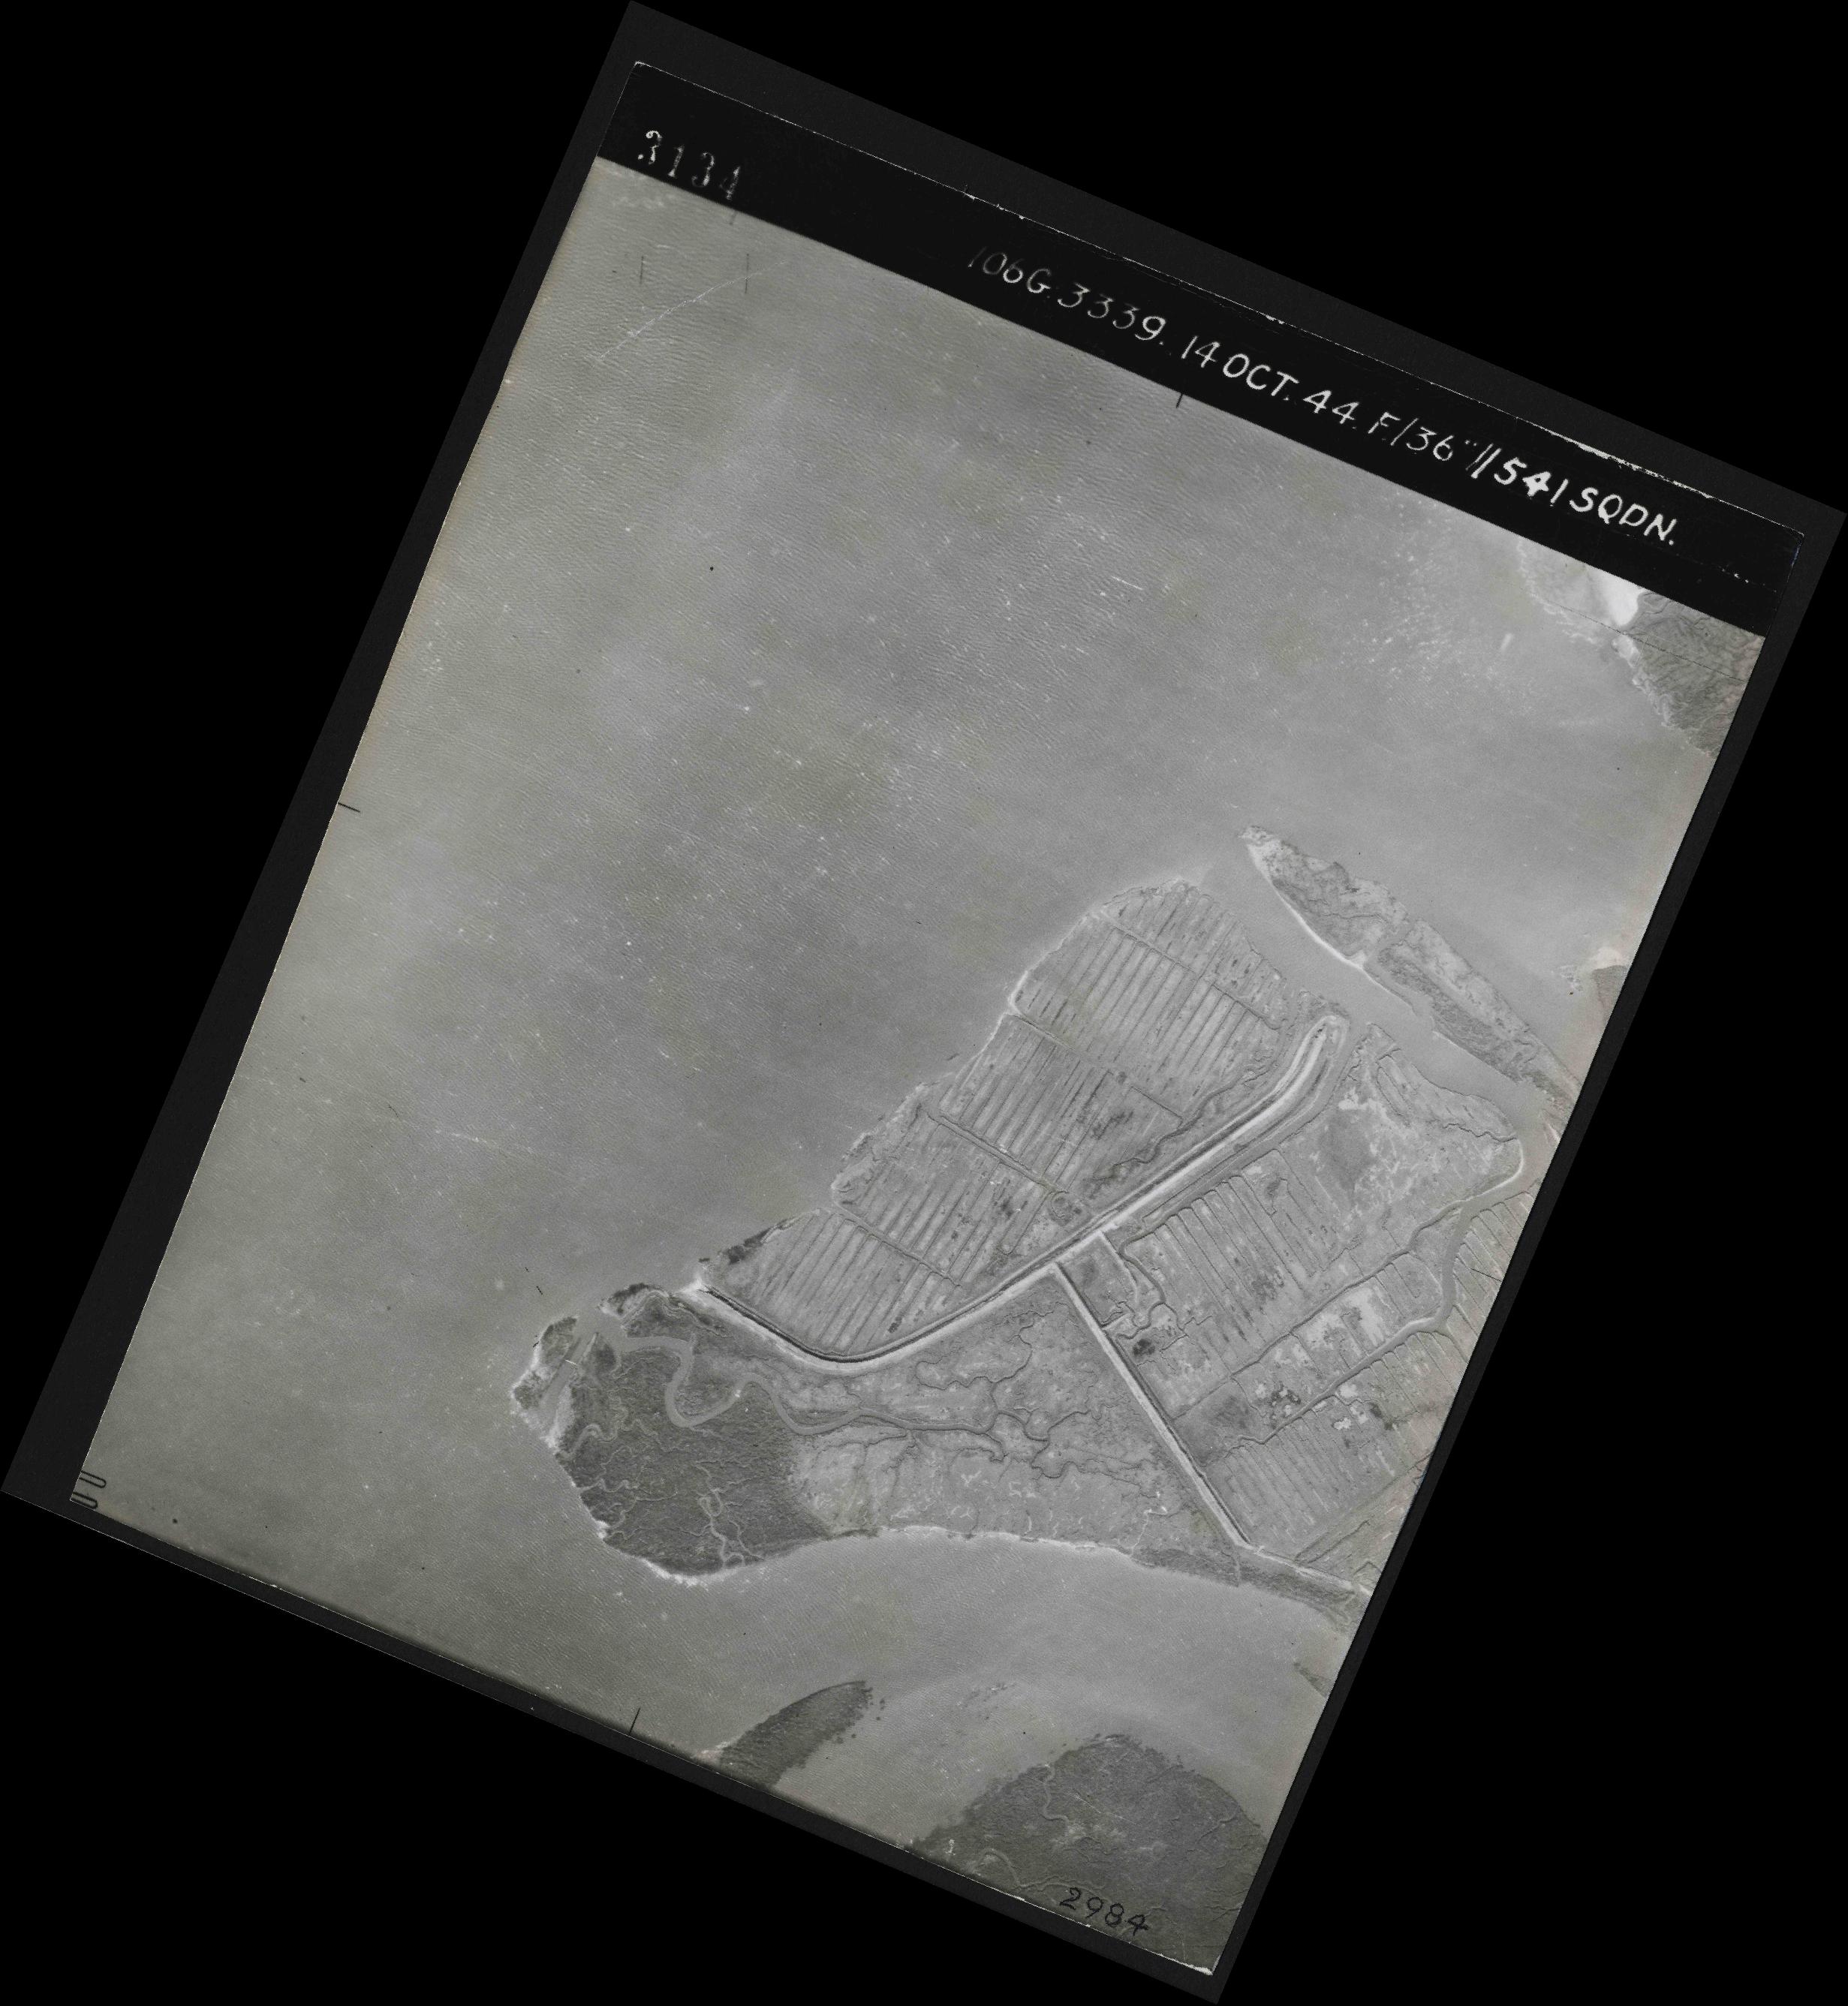 Collection RAF aerial photos 1940-1945 - flight 042, run 04, photo 3134